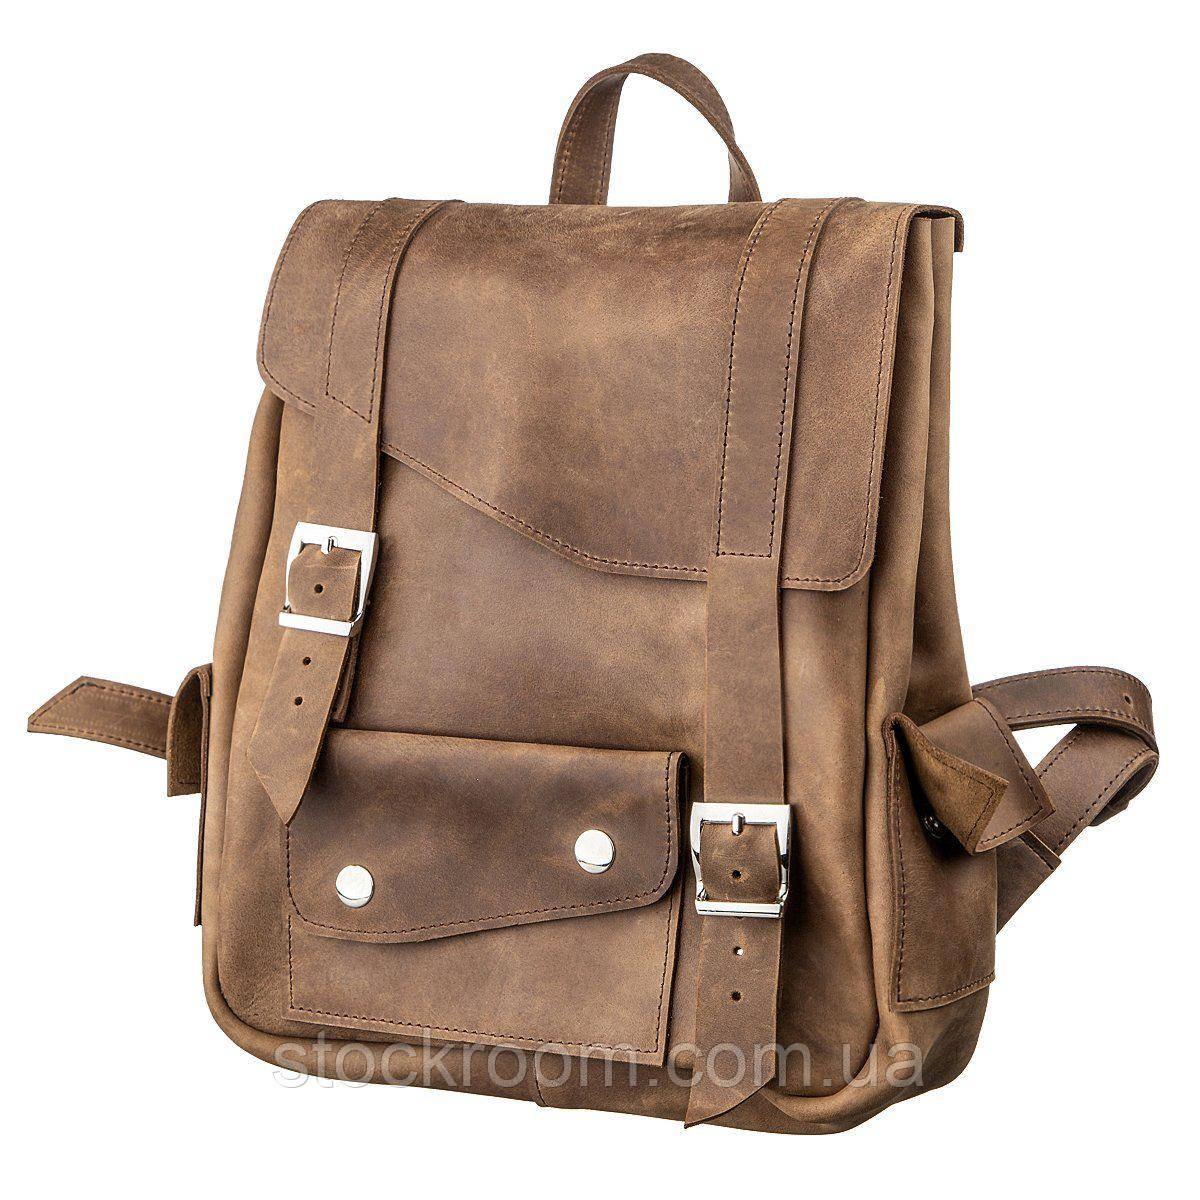 Рюкзак зі шкіри Crazy horse унісекс SHVIGEL 13948 коричневий